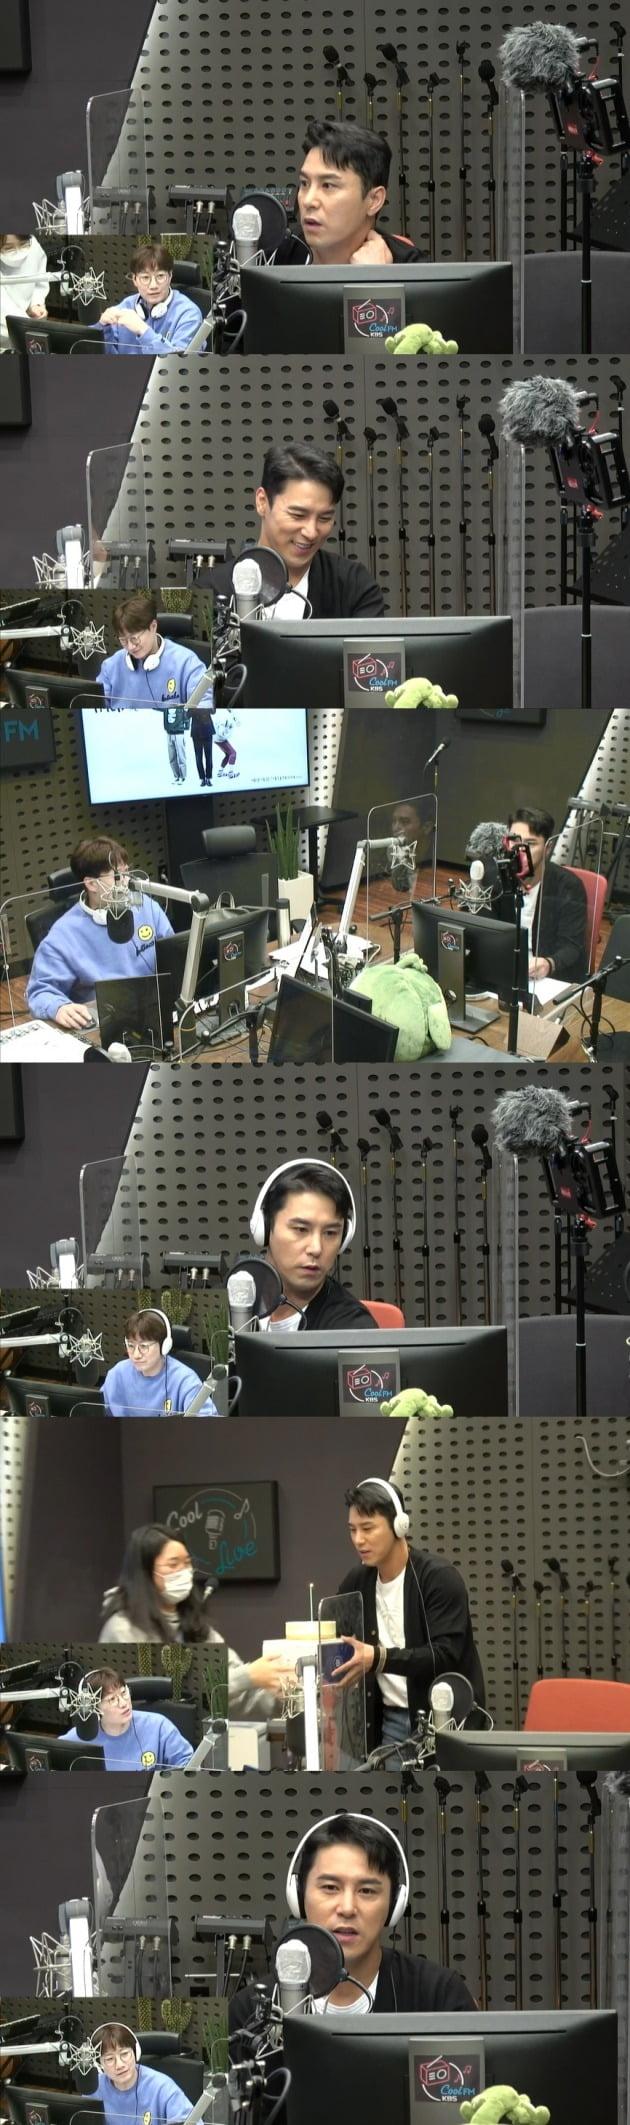 가수 장민호가 'FM대행진' 게스트로 출연했다. / 사진=KBS 라디오 방송 캡처